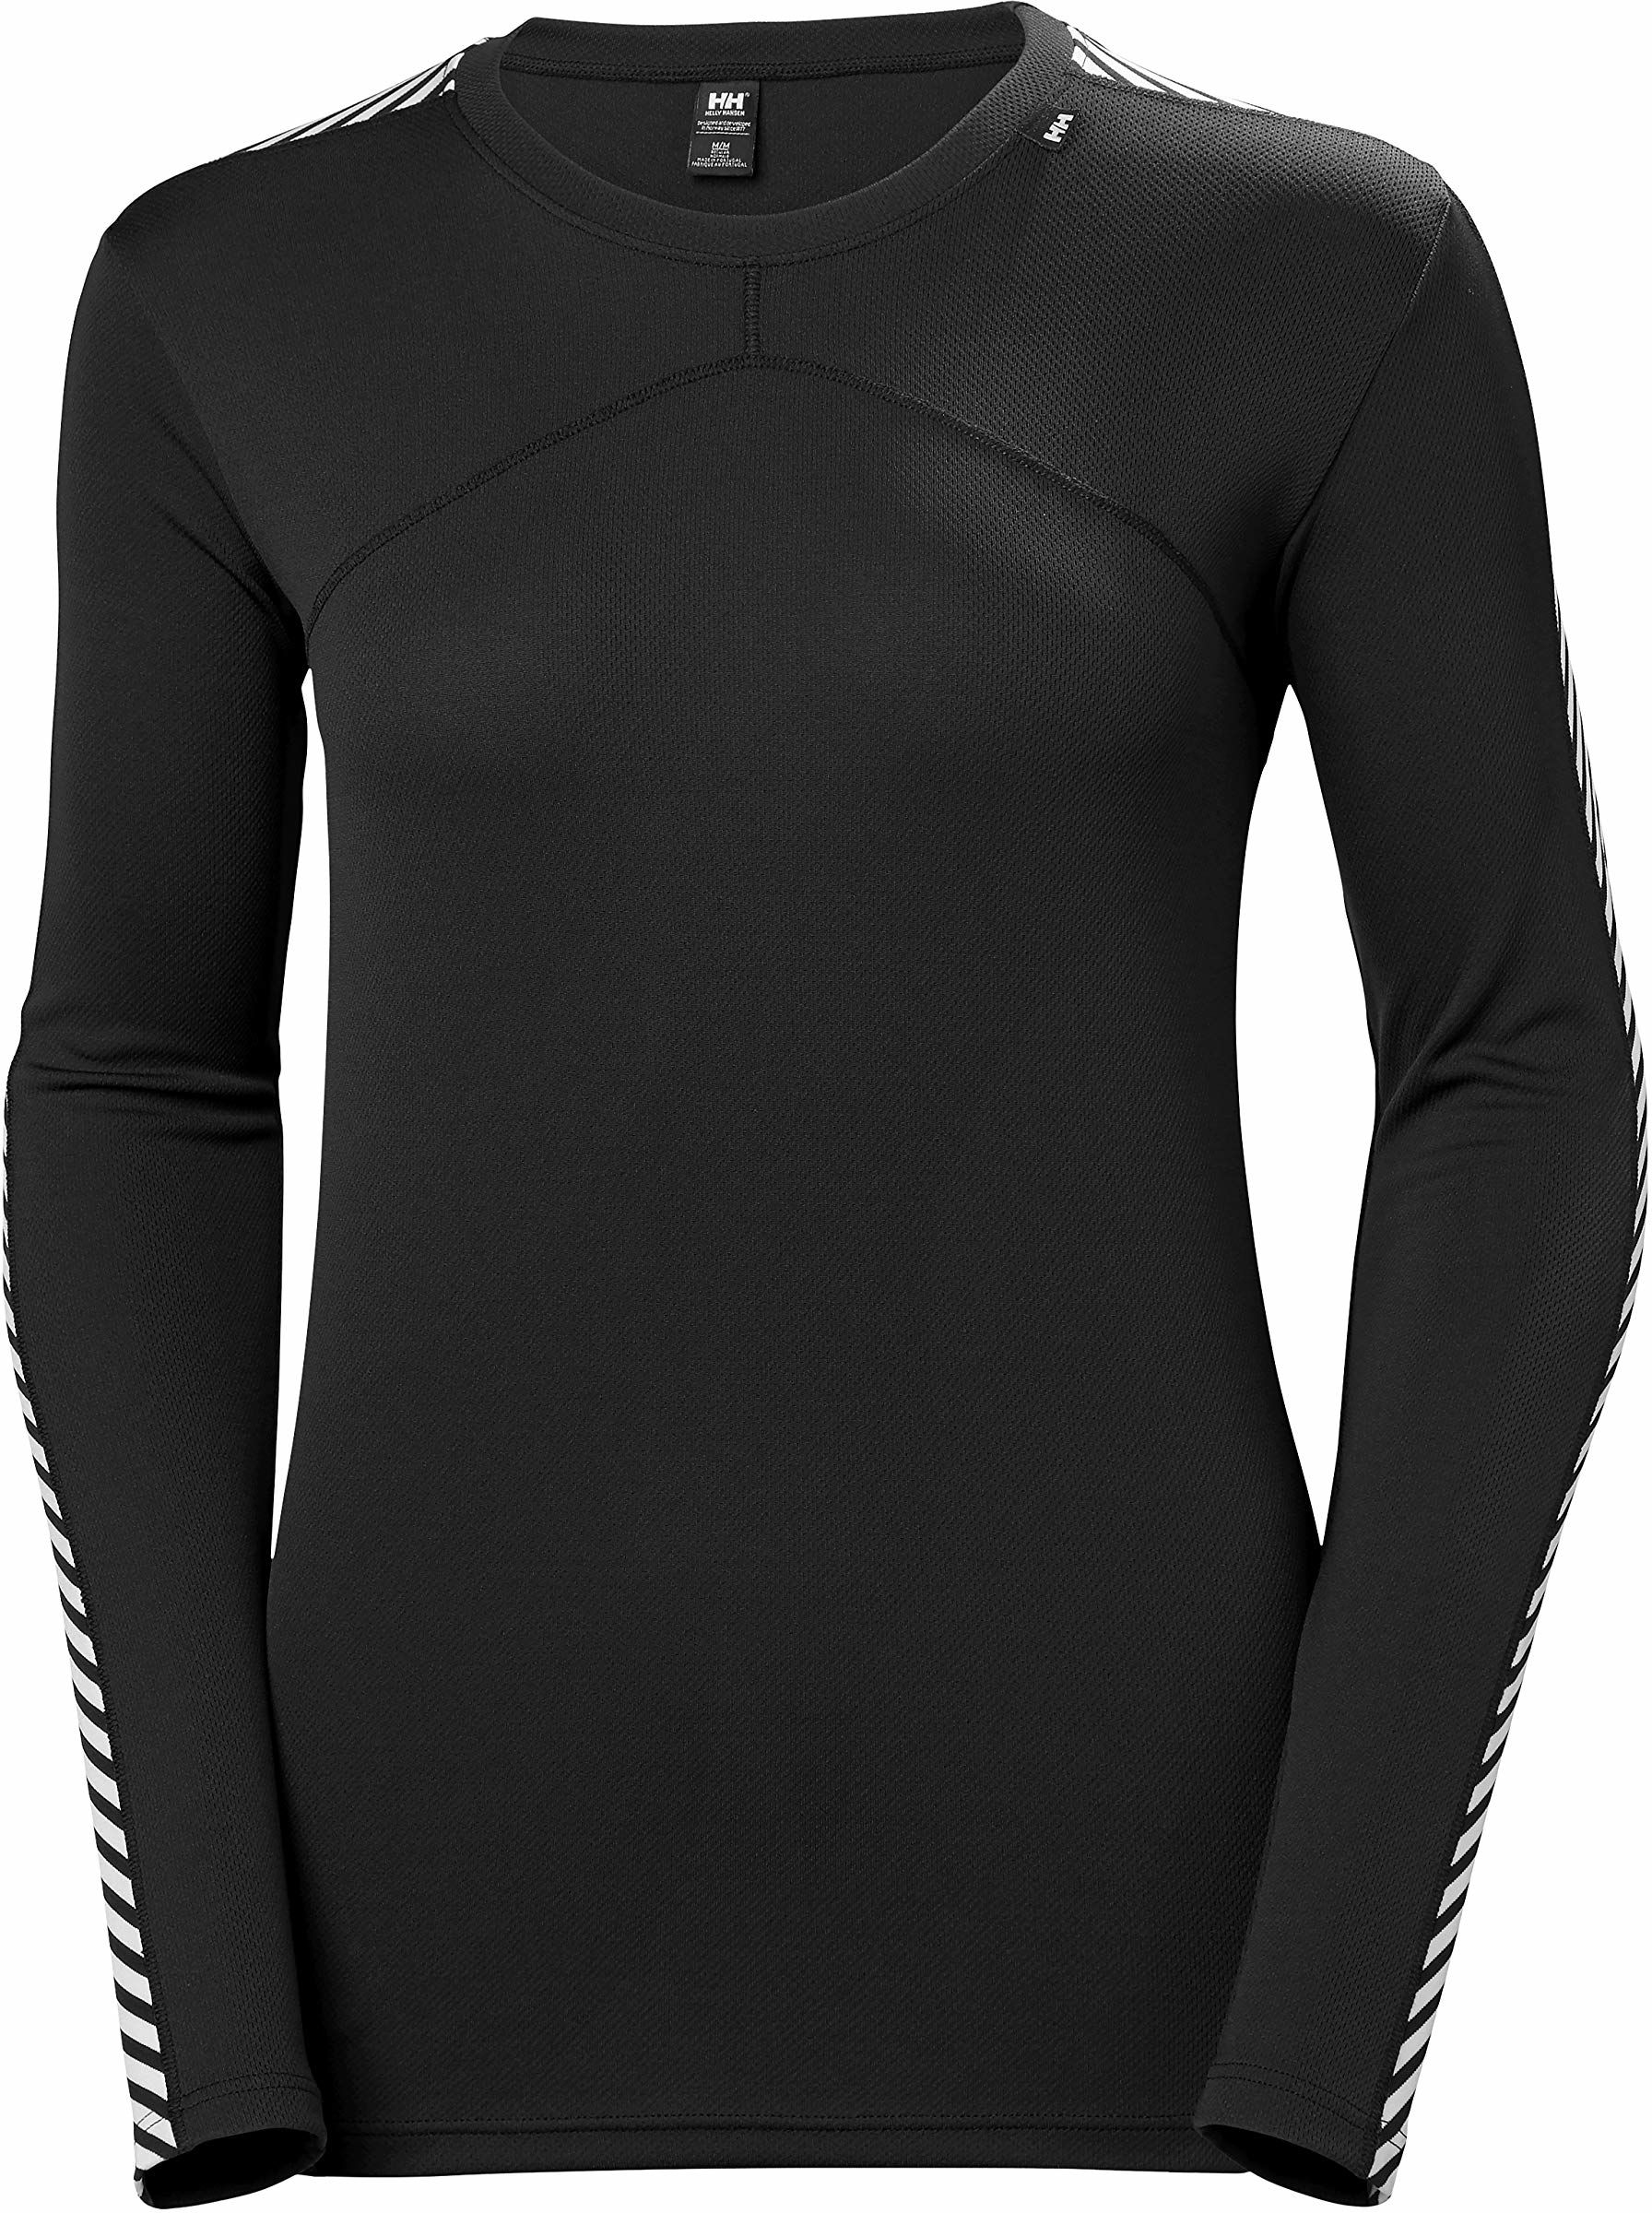 Helly Hansen W HH LIFA CREW koszulka funkcyjna  termoaktywna bielizna sportowa do biegania, czarna (czarna), L